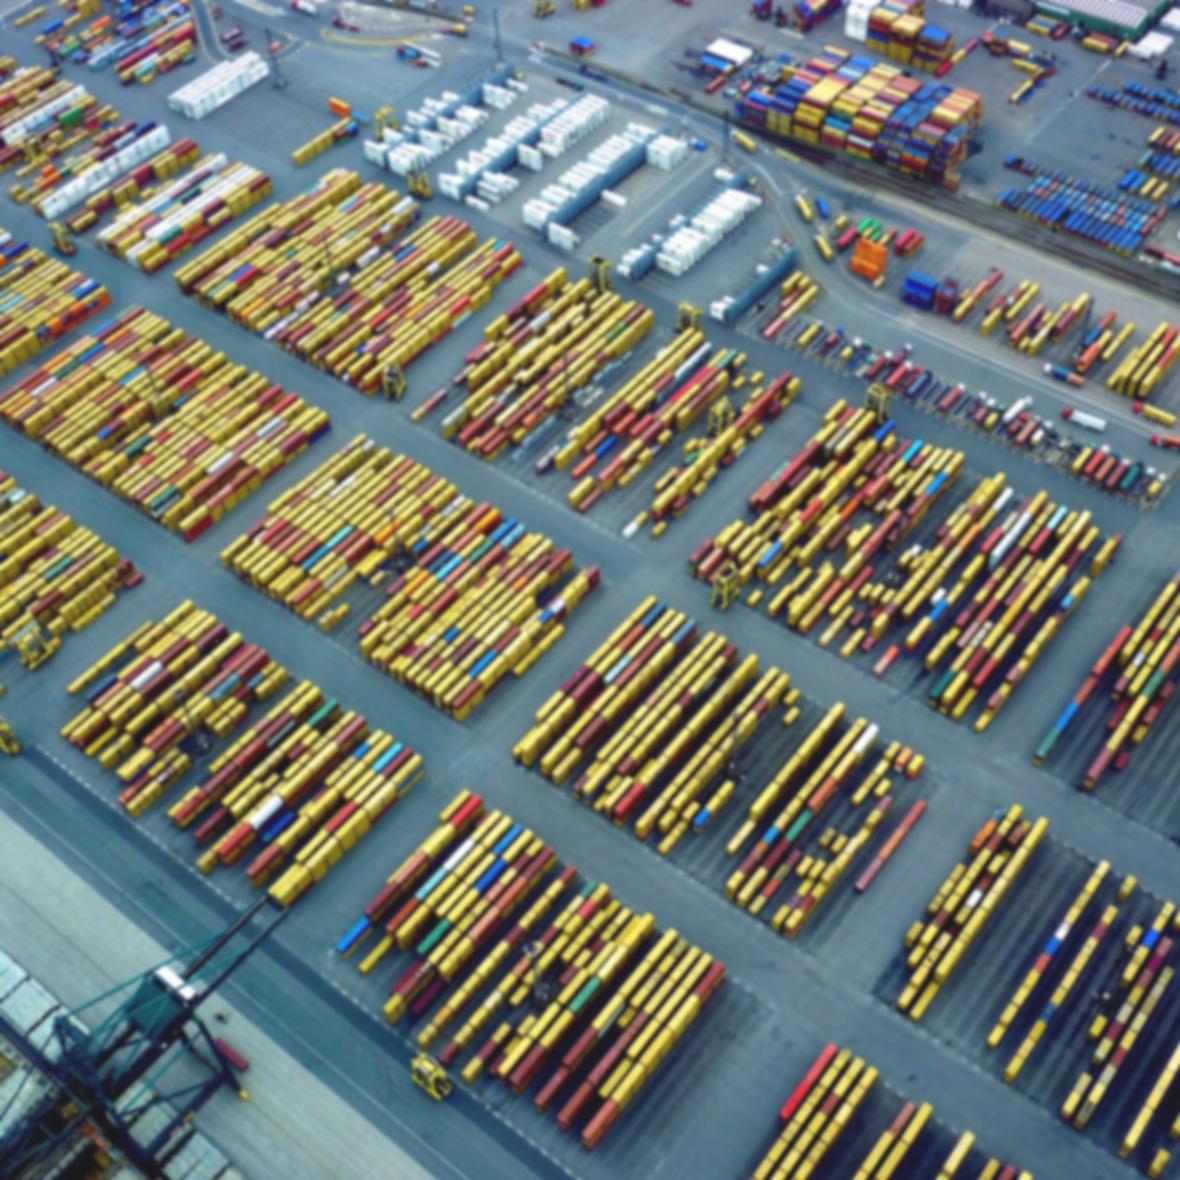 Transport & logistiek - Wij hebben een jarenlange ervaring met nagenoeg alle juridische facetten van het transport- en logistieke gebeuren, die wij graag met u delen.